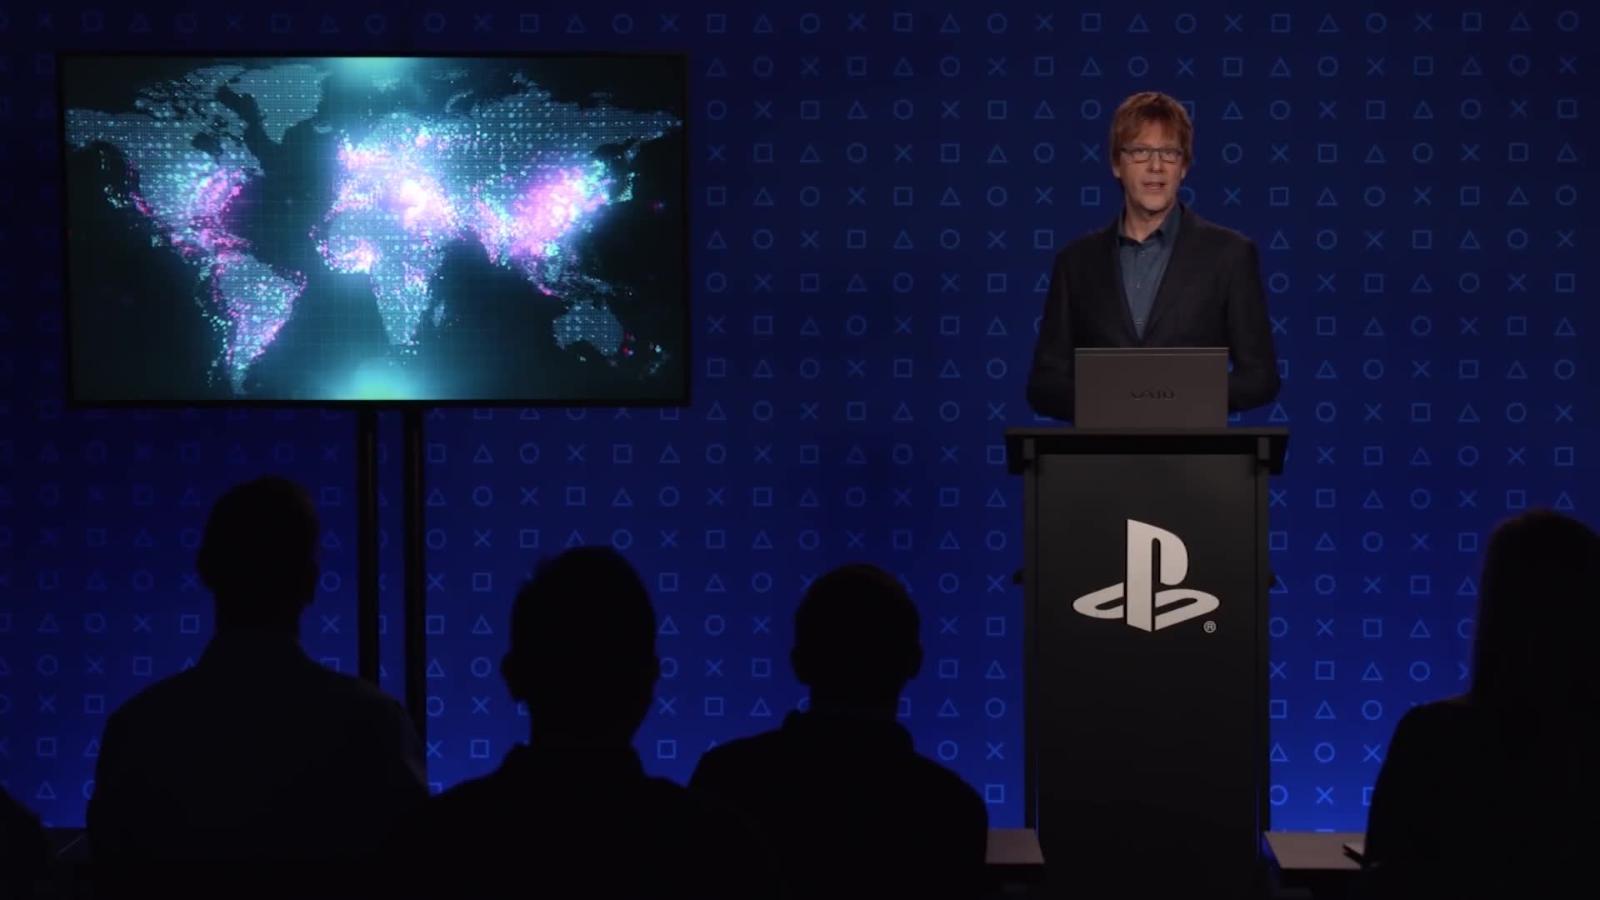 Conferencia de PlayStation, la última que data del 20 de marzo.